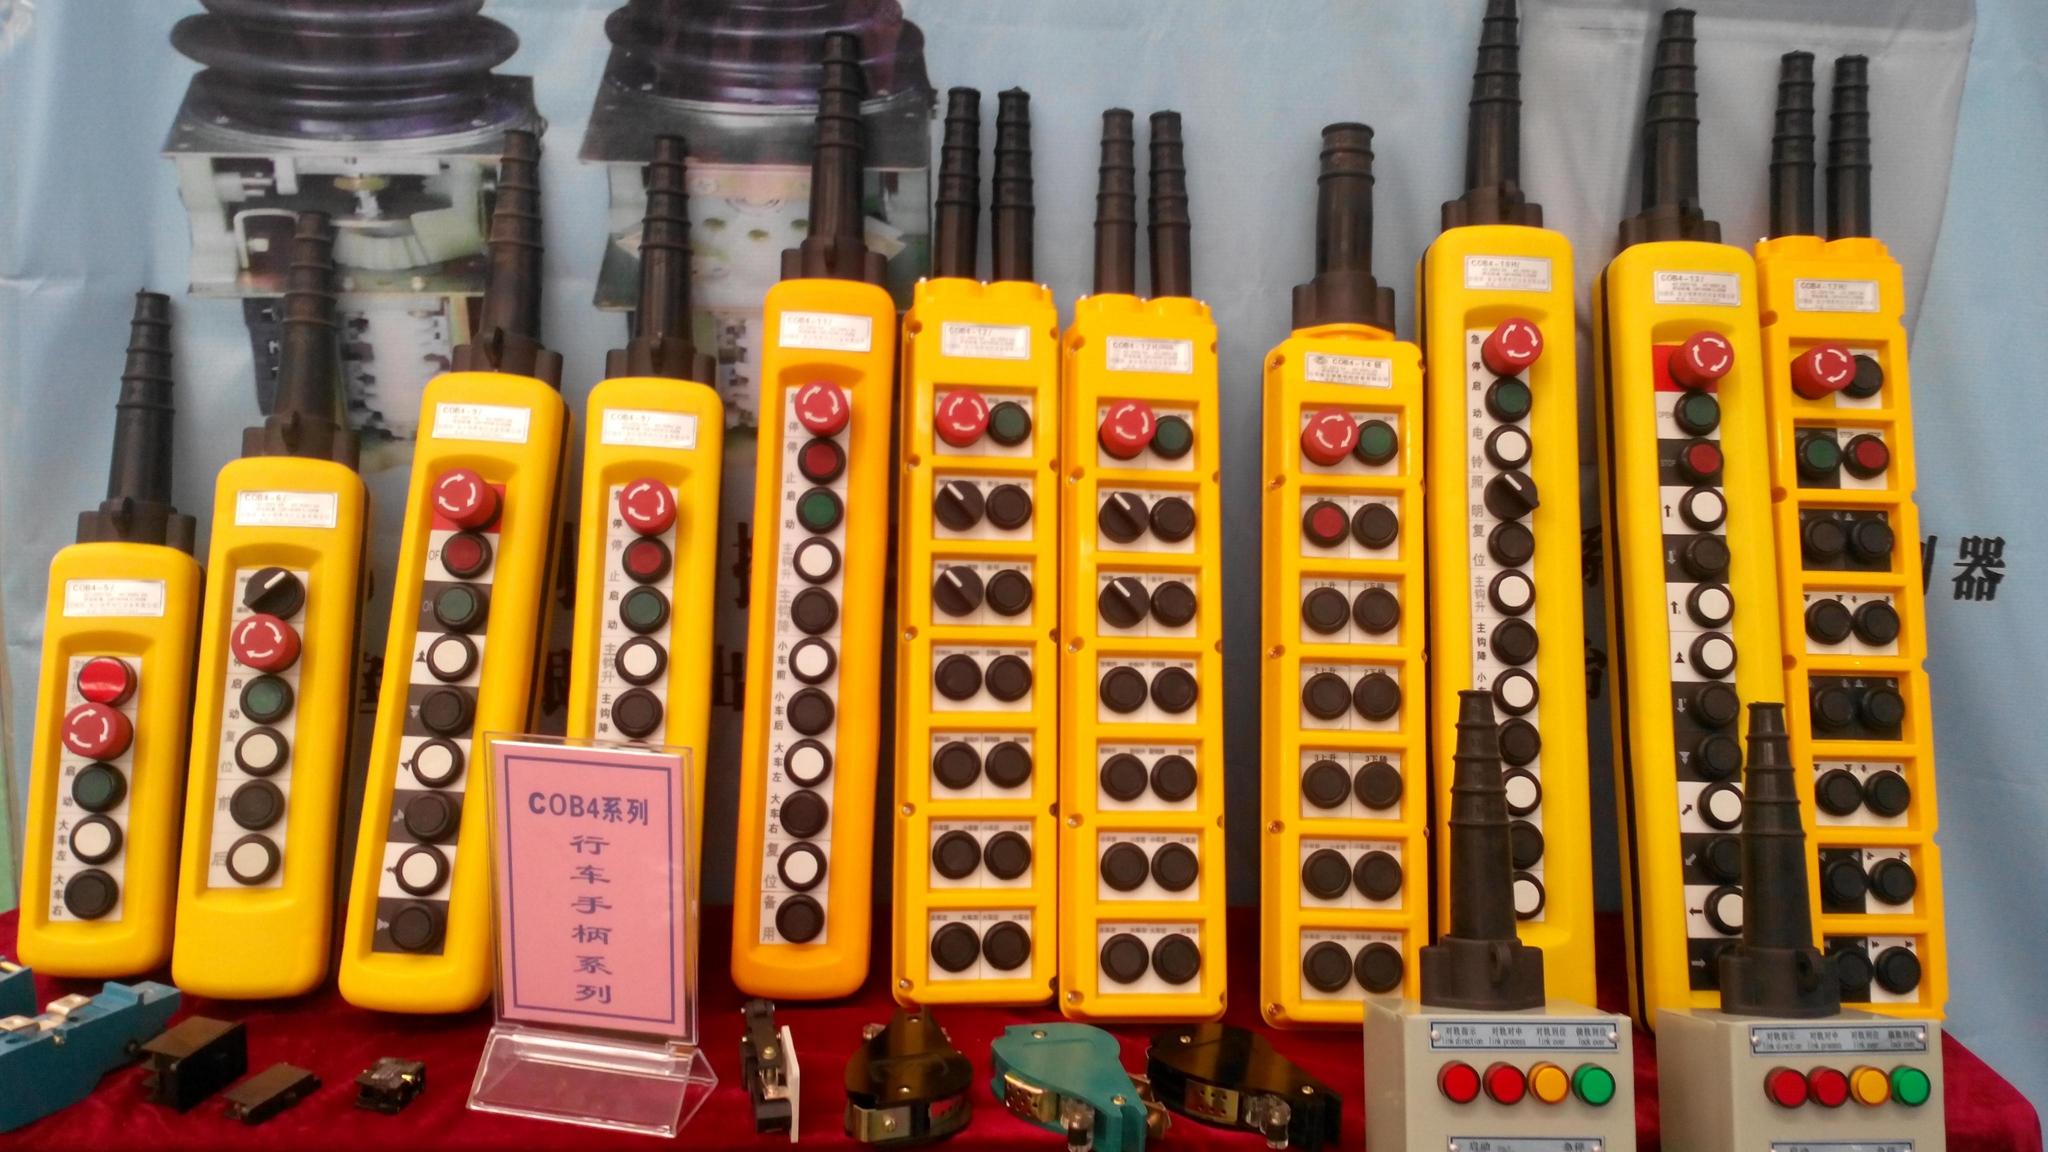 起重机用控制盒控制按钮 COB系列 XAC系列  各种型号均有现货 2